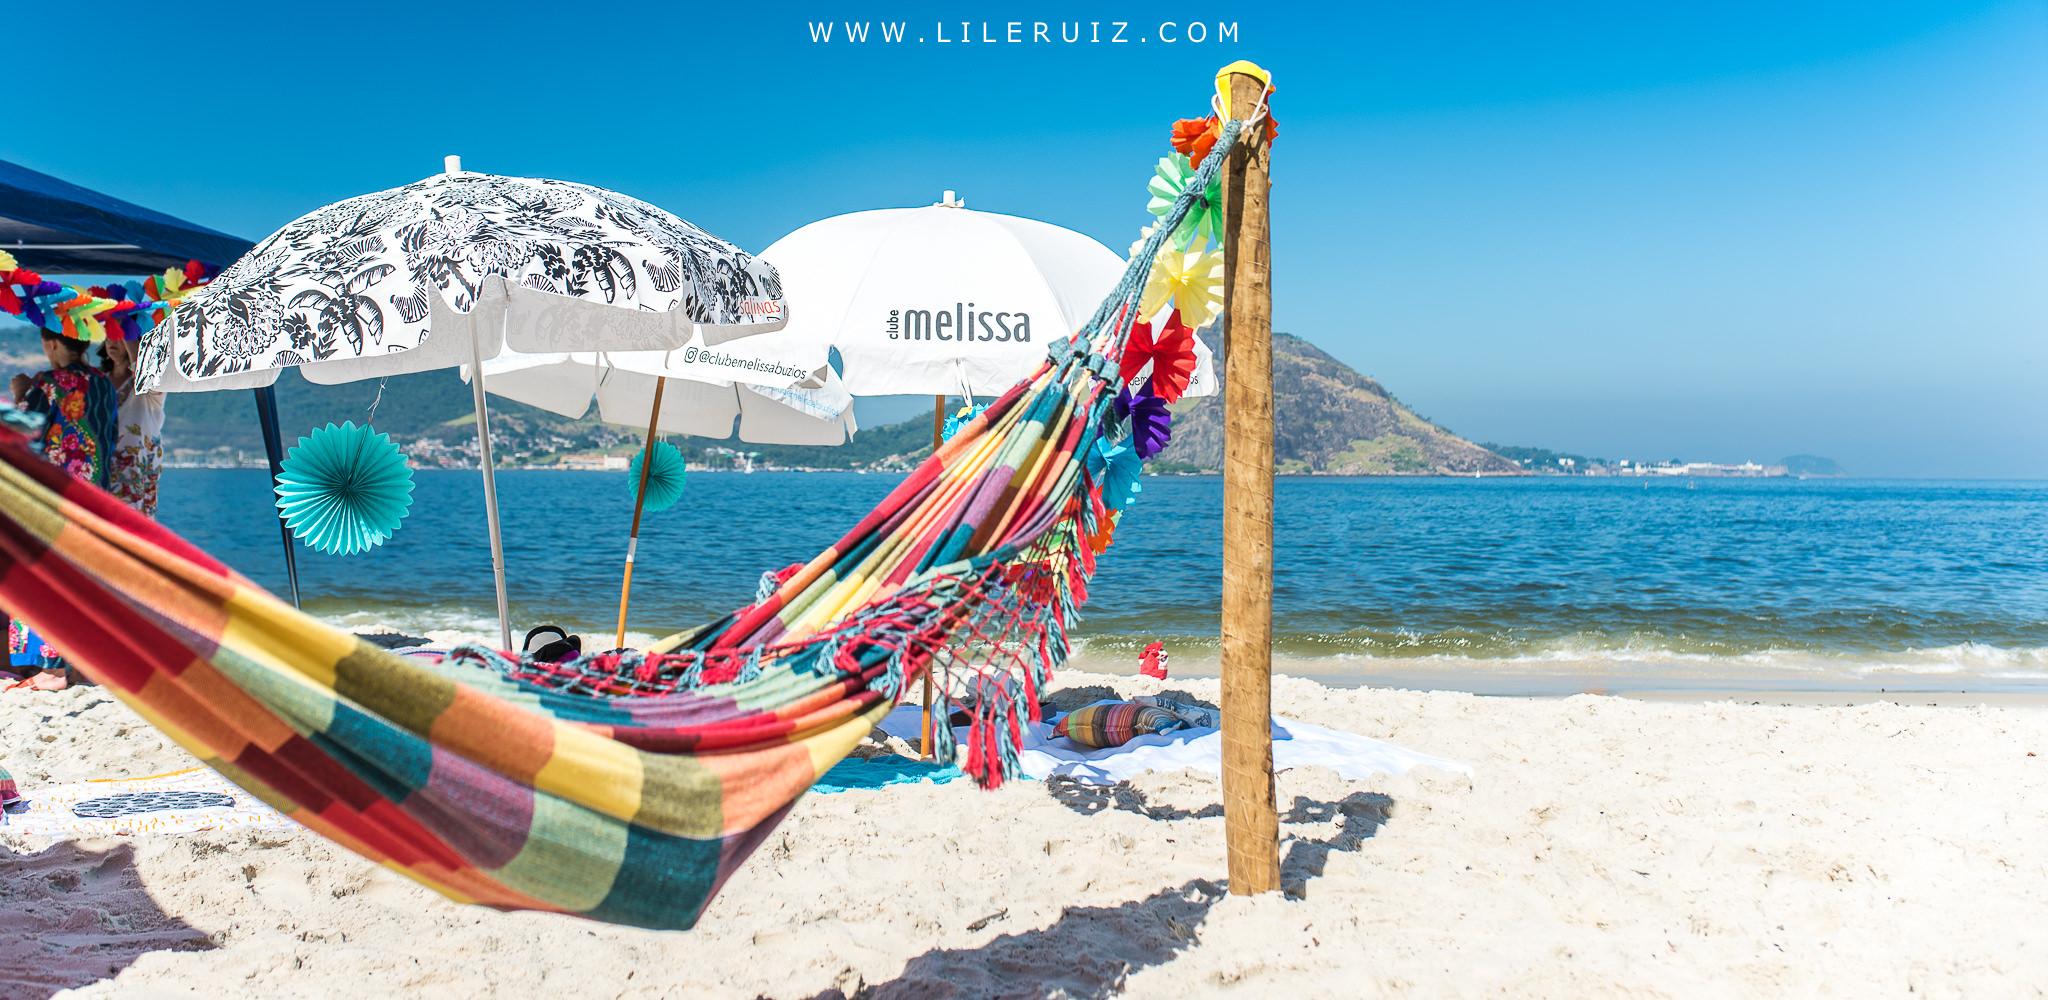 LileRuiz_aniversario_picnic_niteroi-19.jpg